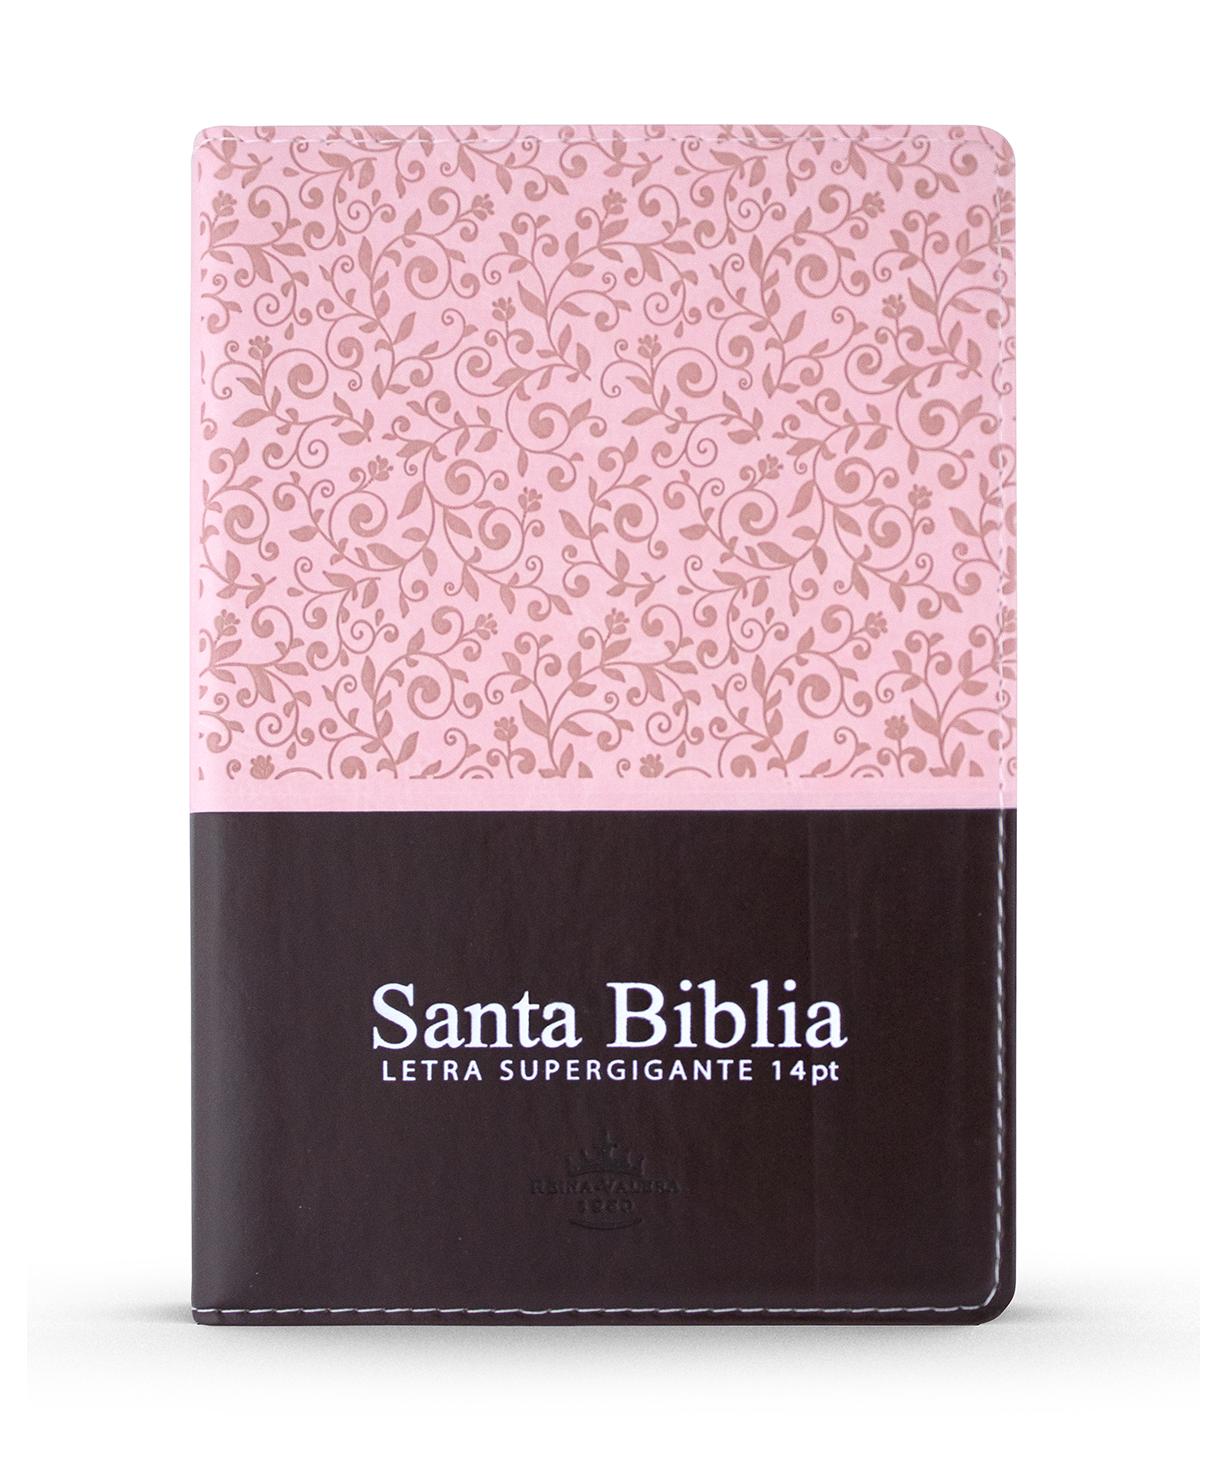 Biblia grande letra supergigante